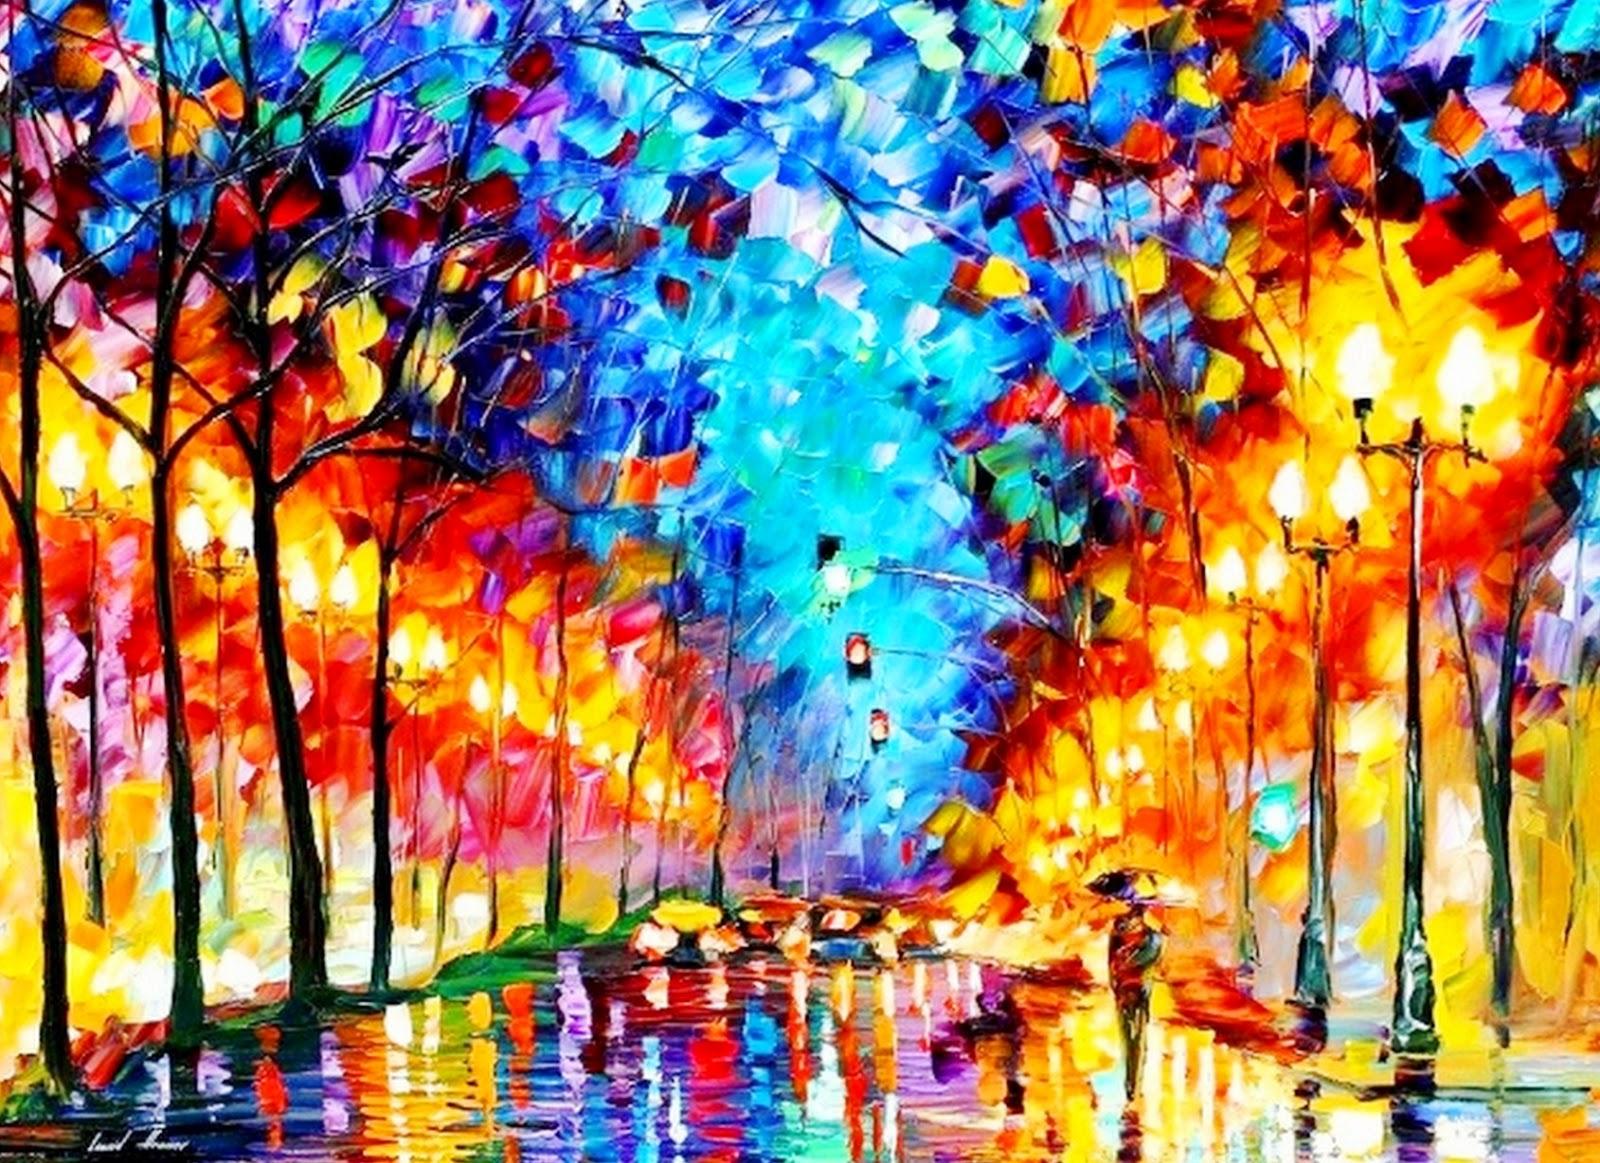 Pinturas cuadros lienzos imagenes de pinturas a espatulas paisajes - Imagenes para cuadros ...